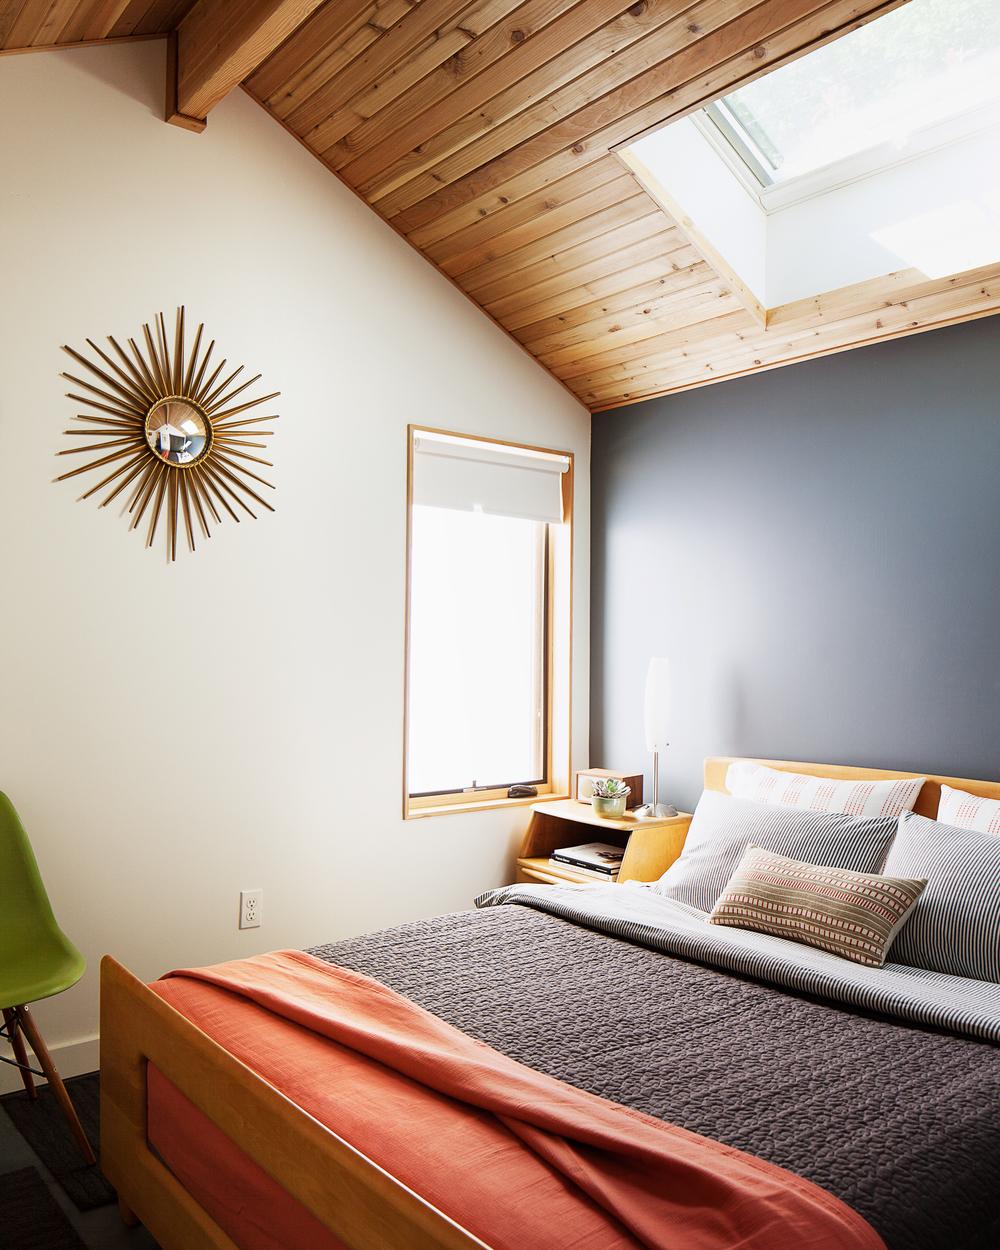 EcoCottage_bedroom.jpg